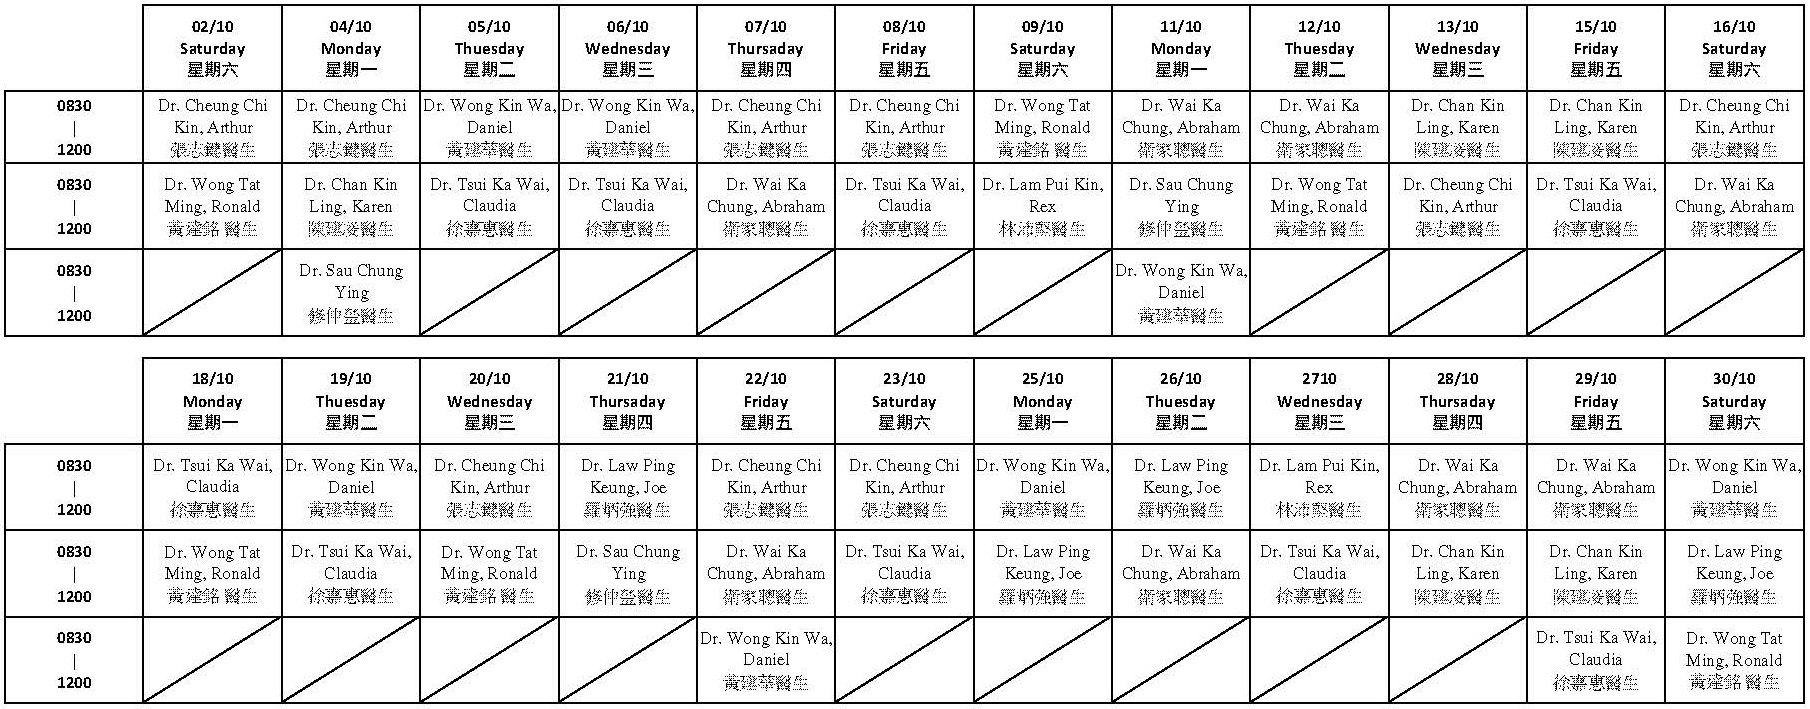 24-hr OPED schedule (October 2021)